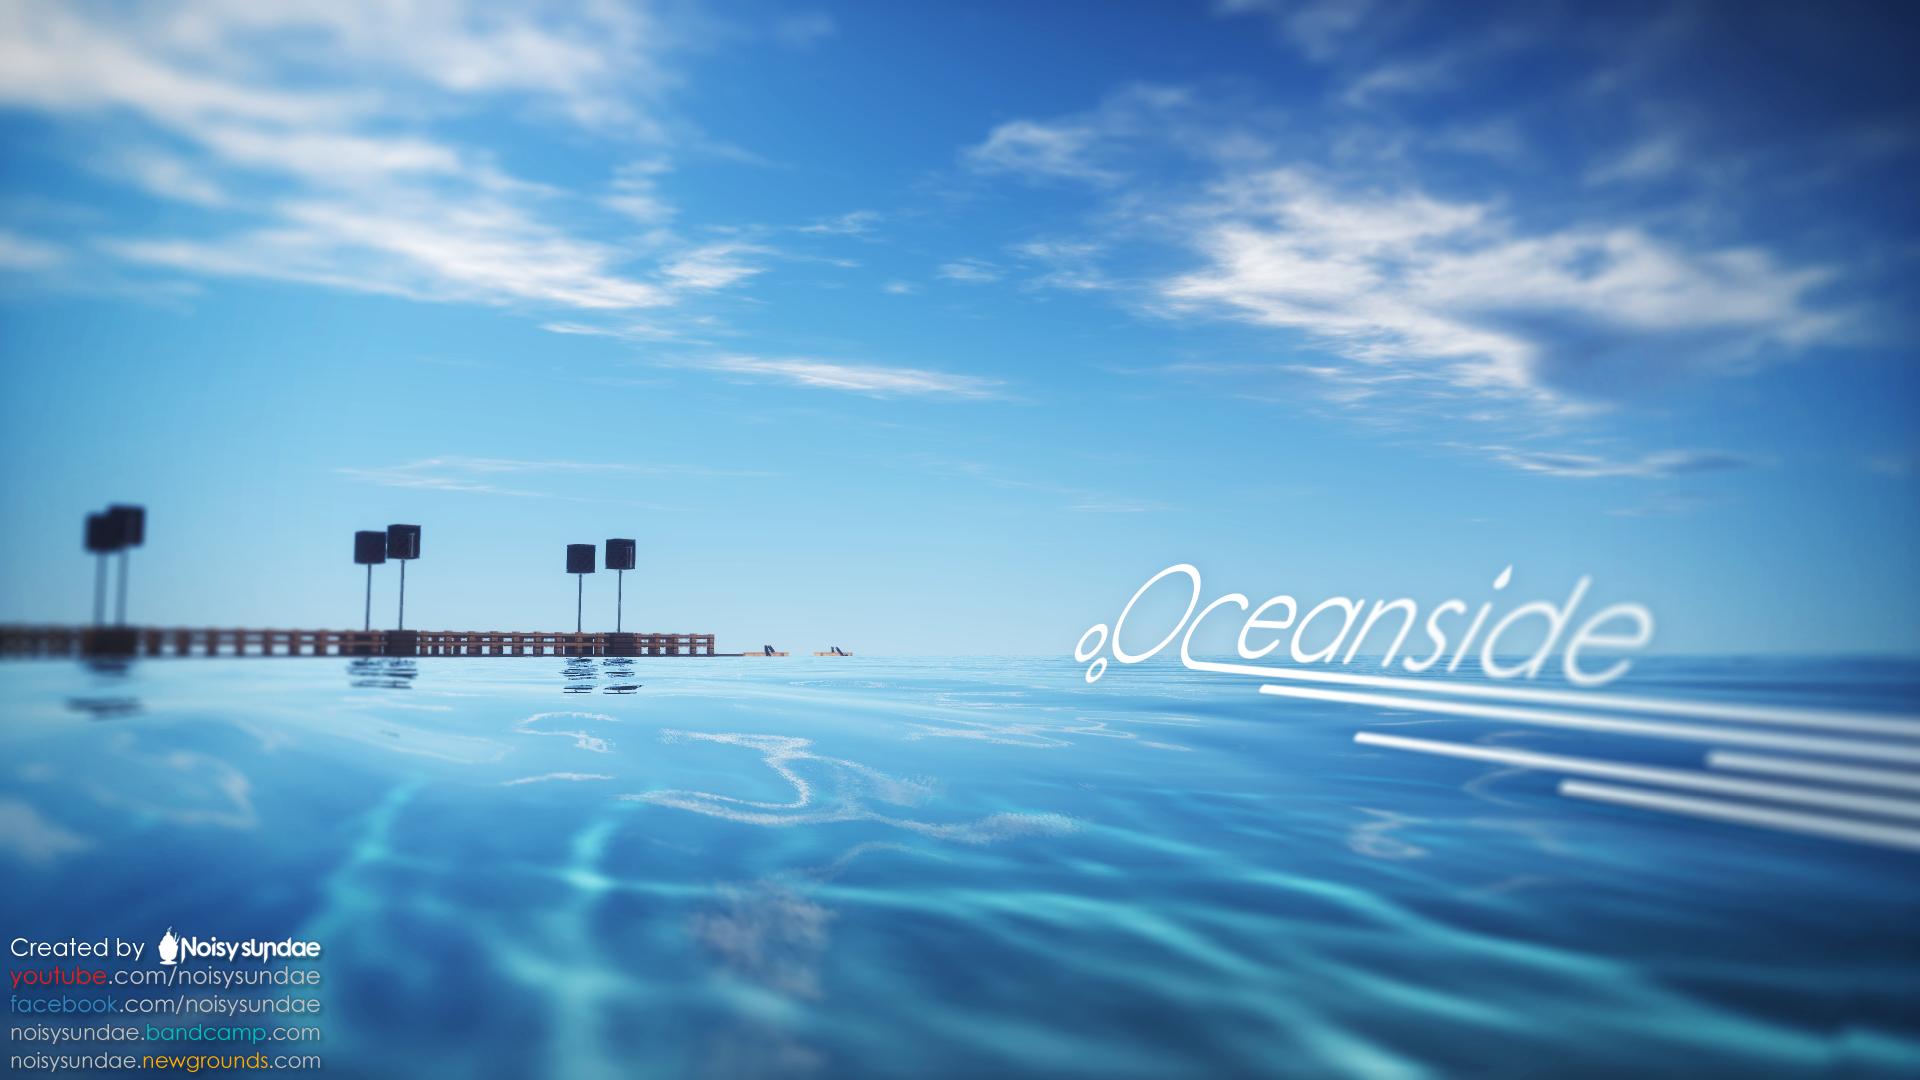 4914553_149714958292_Noisysundae-Oceanside.png